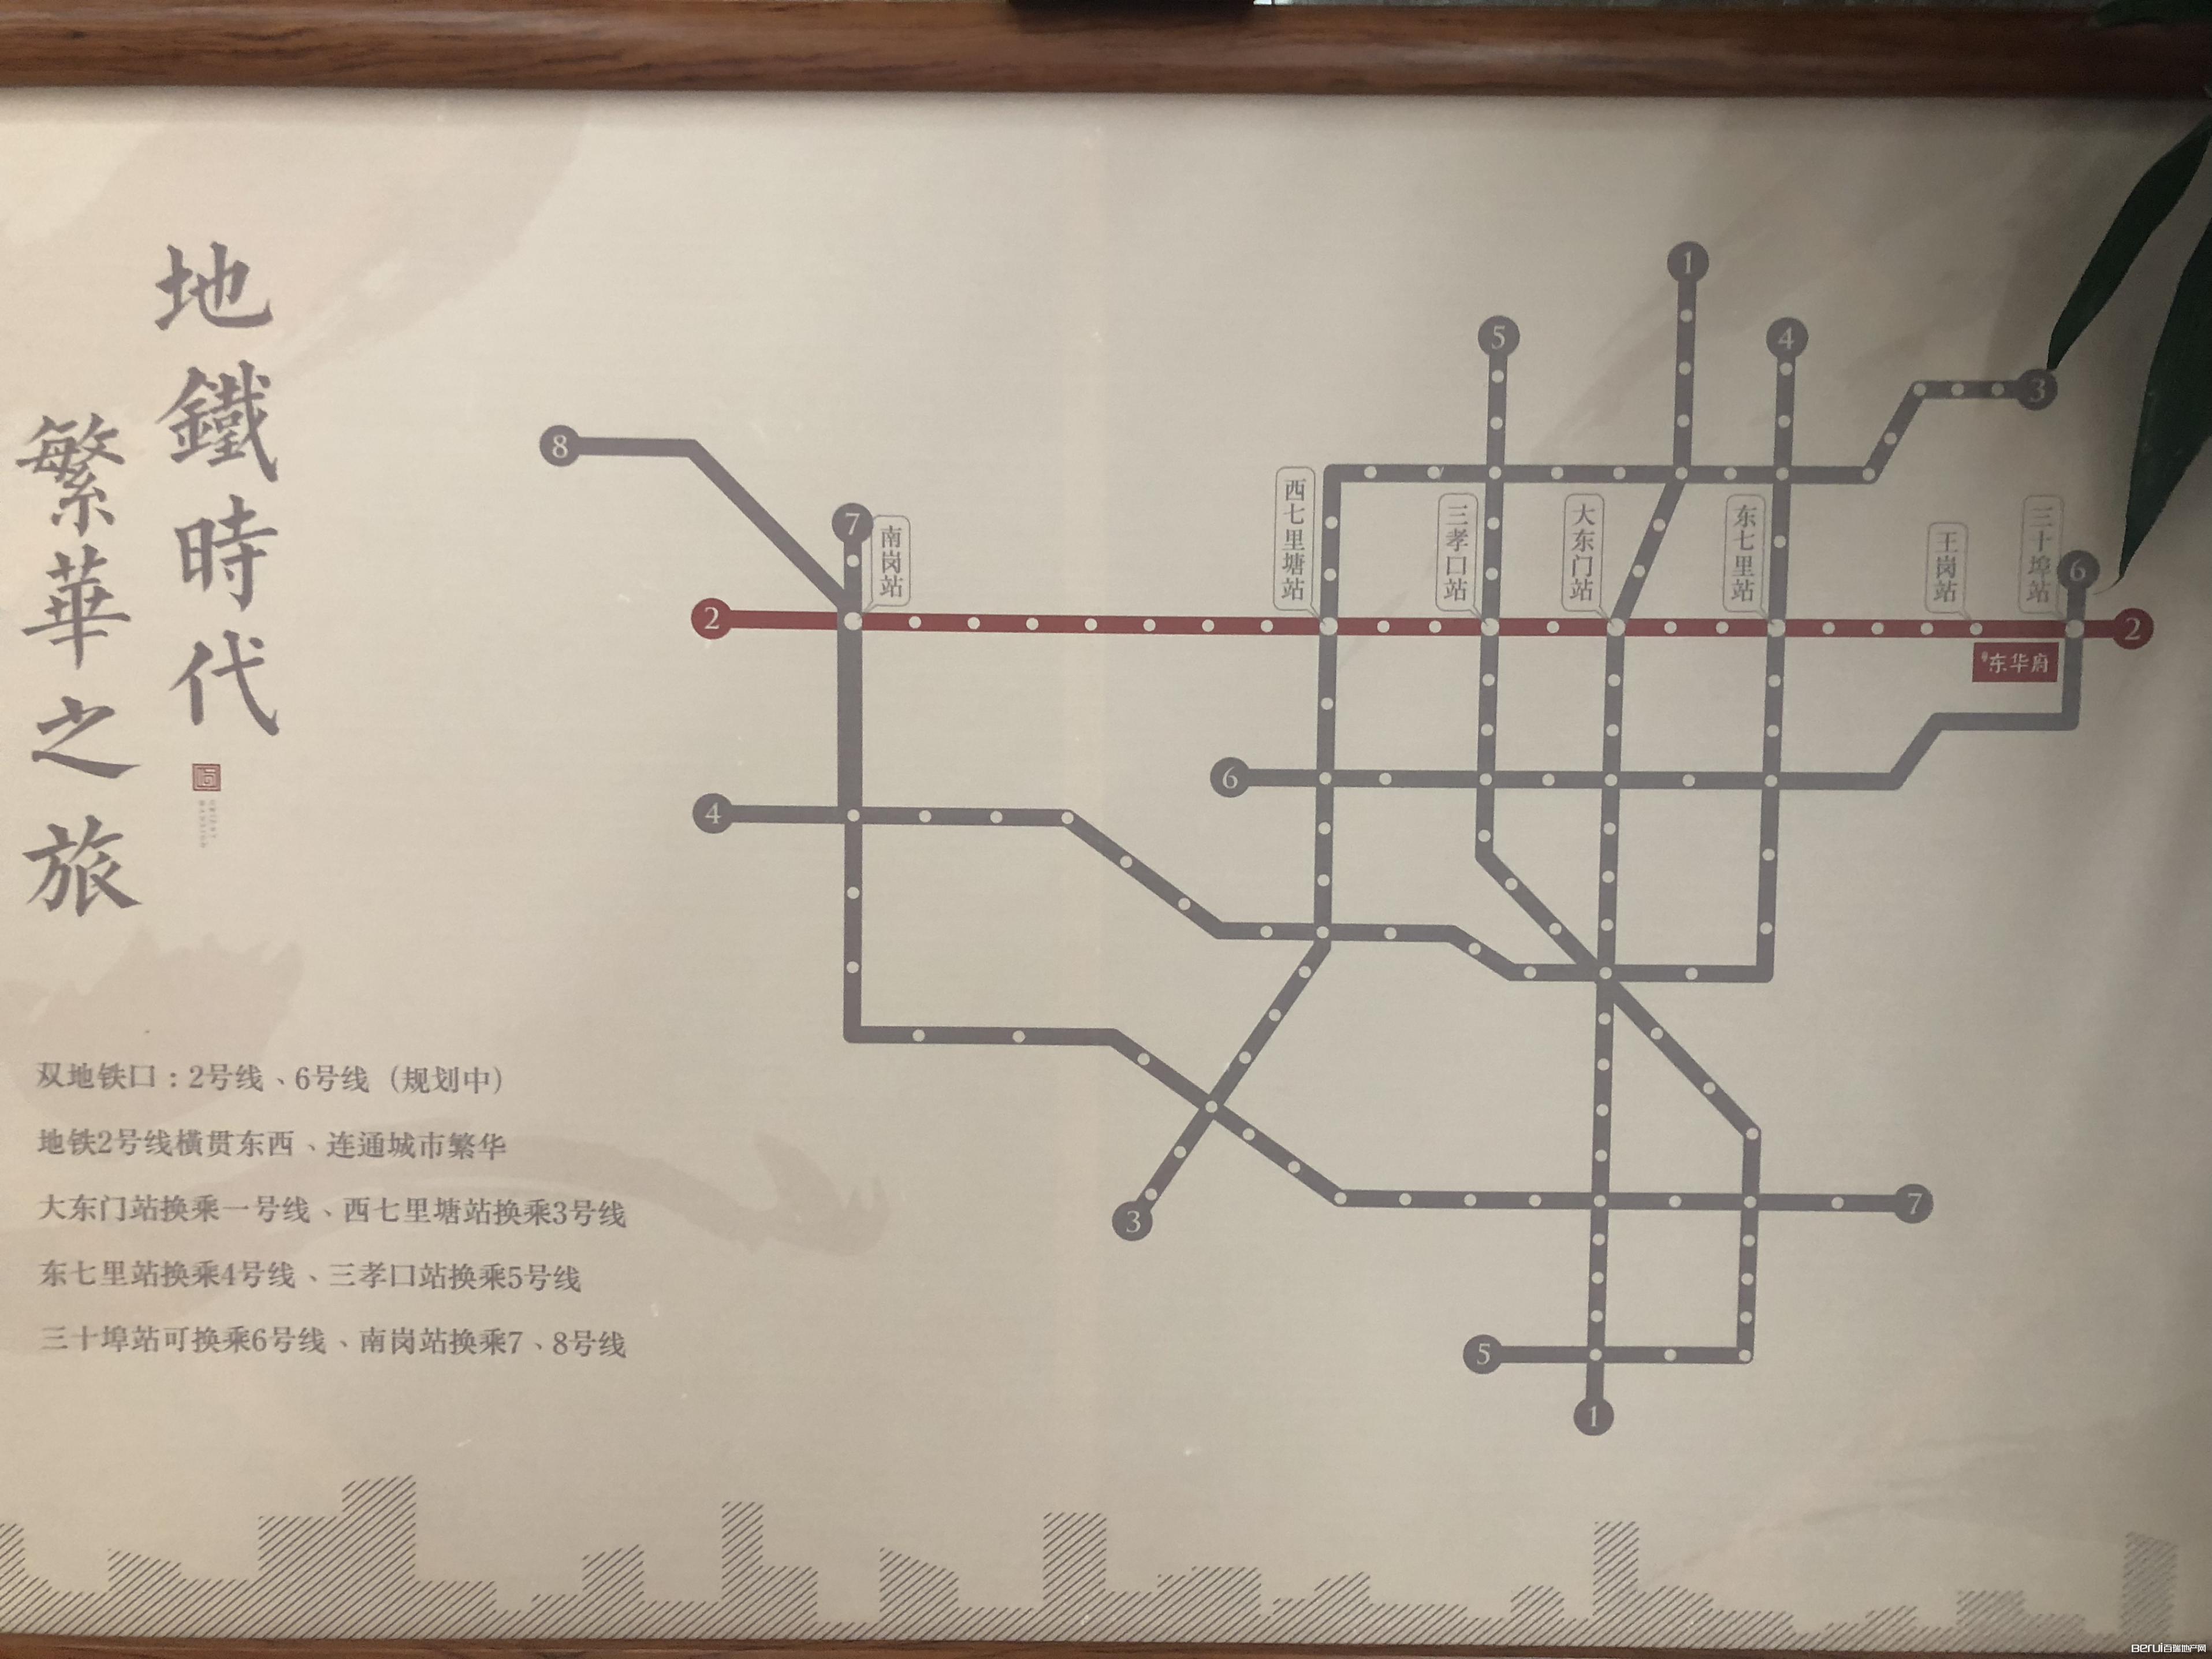 龙湖春江郦城周边地铁